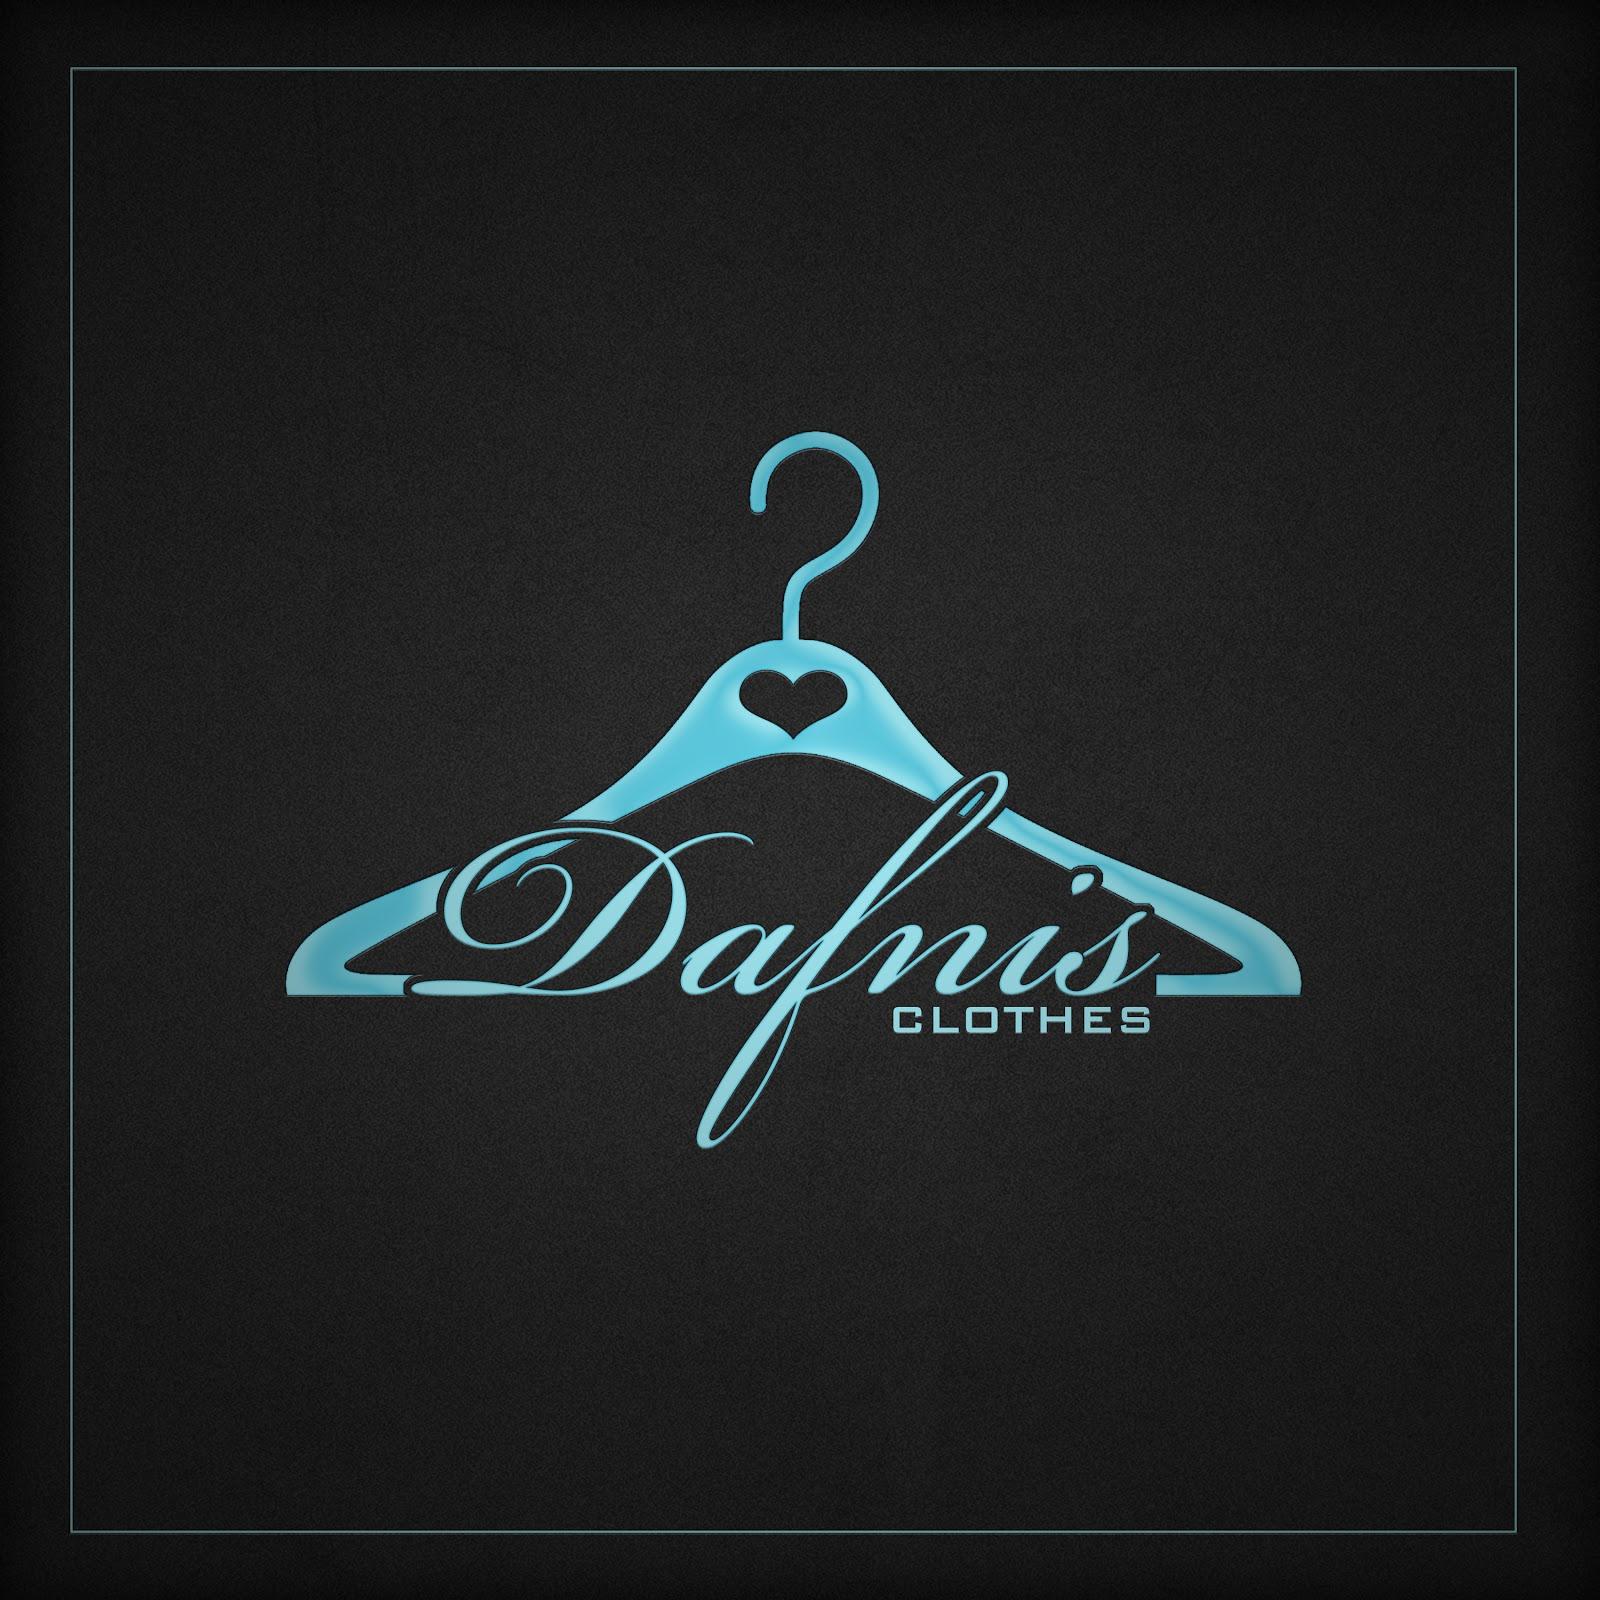 Dafnis Clohtes